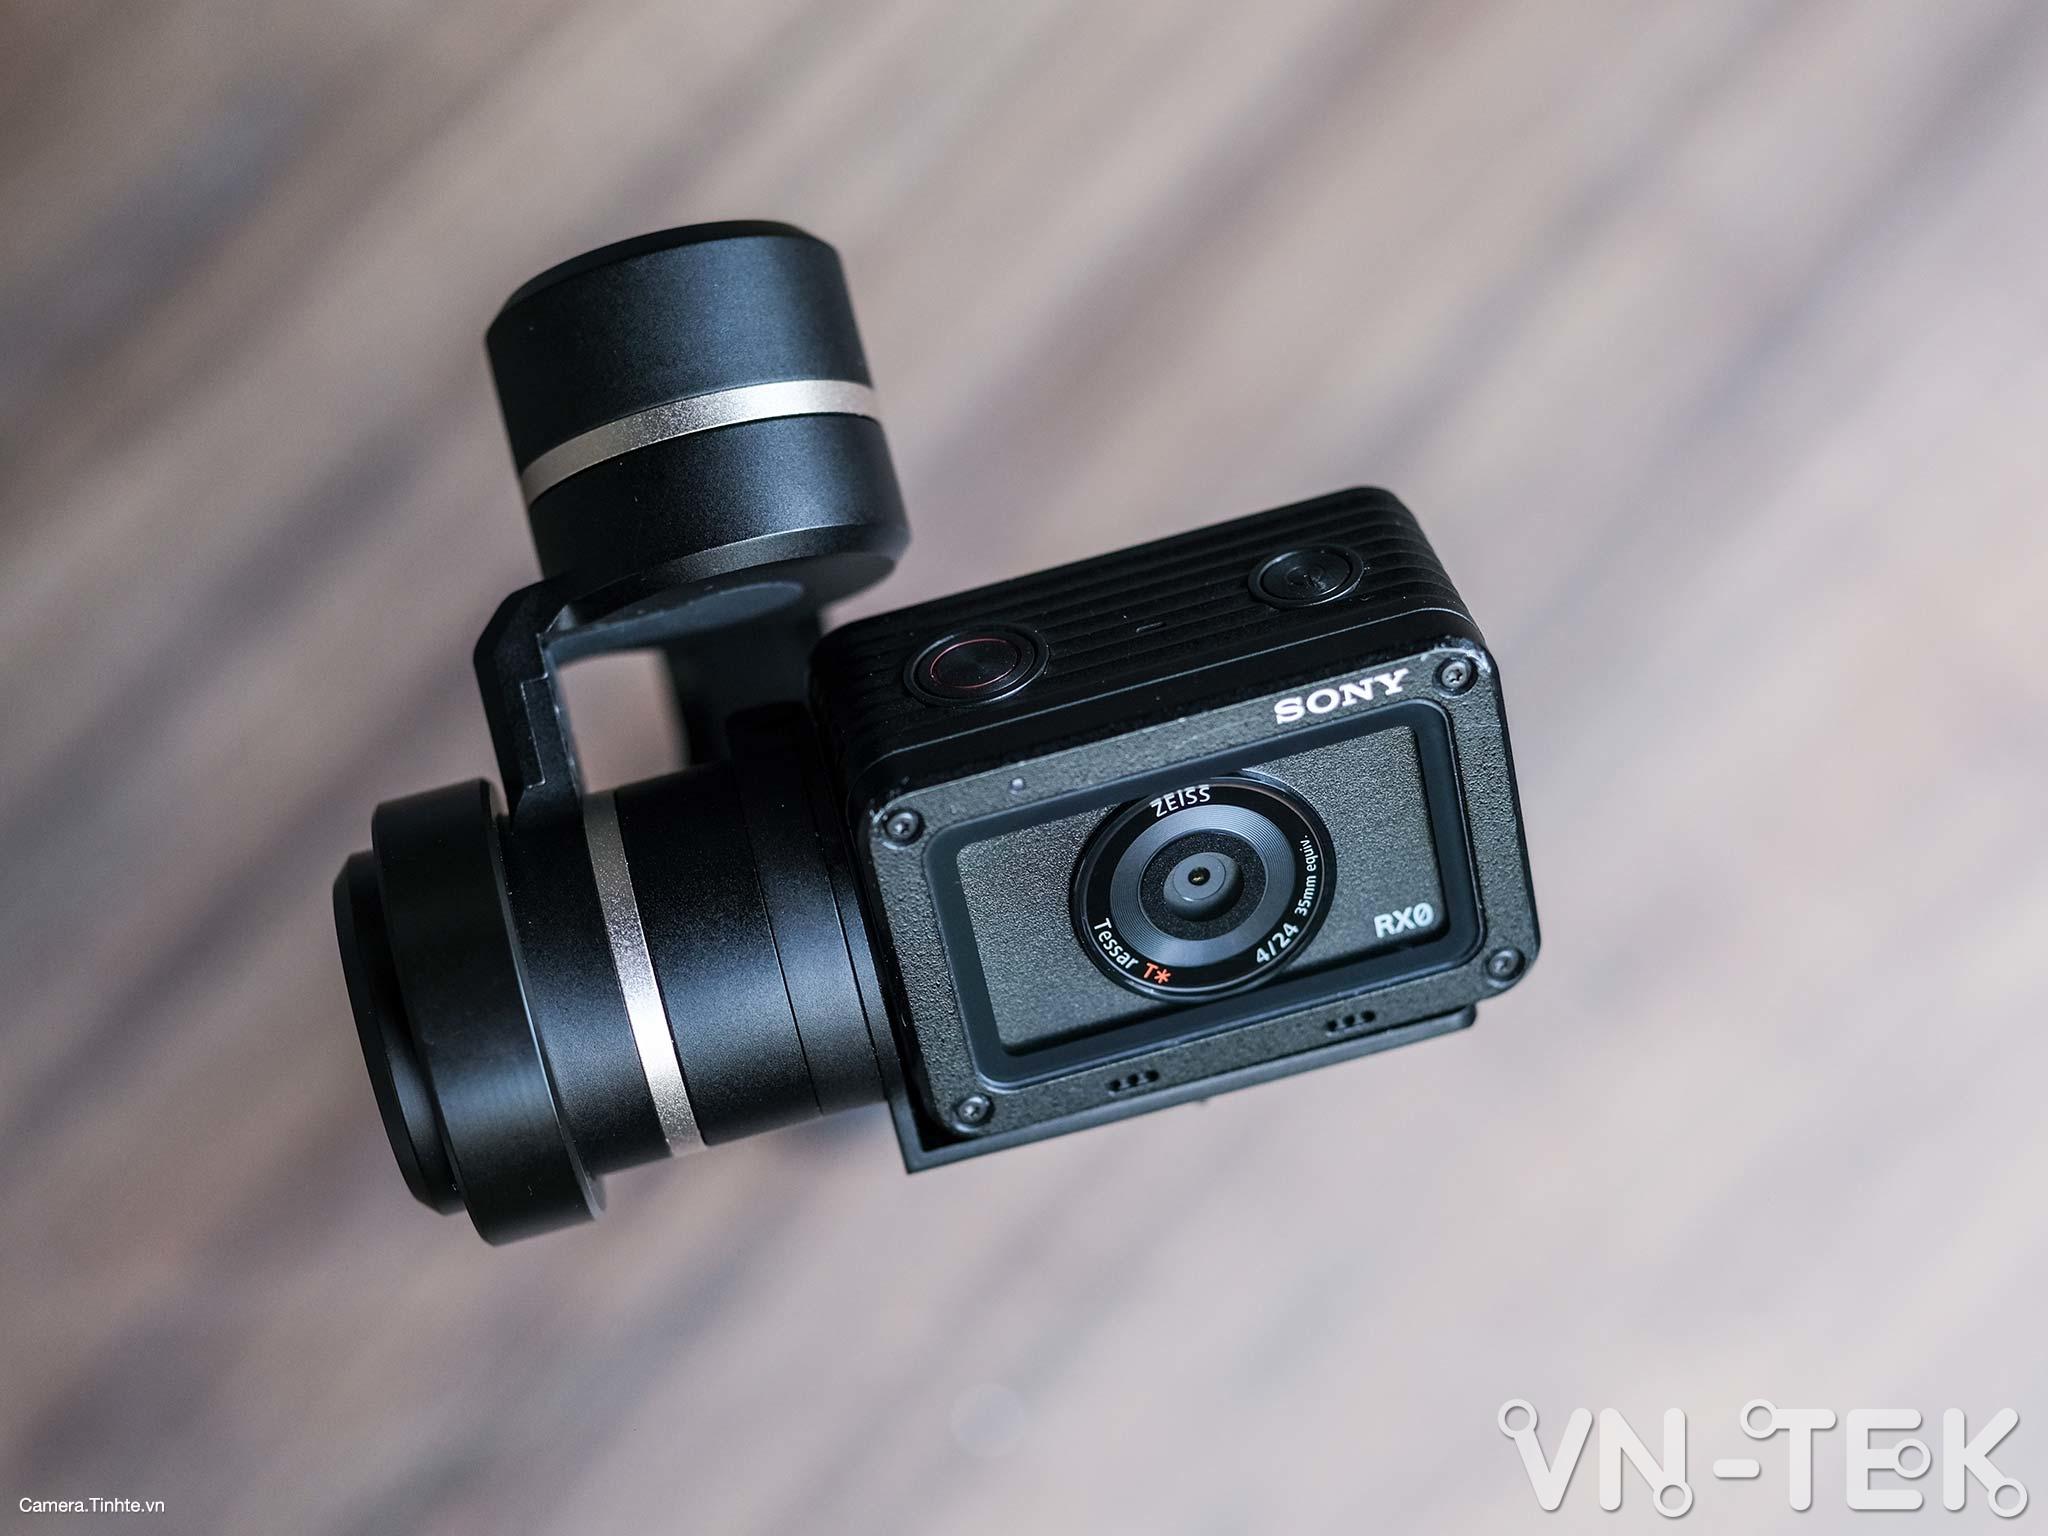 gimbal feiyu g5 15 - Trên tay và trải nghiệm Gimbal Feiyu G5 bản mod cho Sony RX0